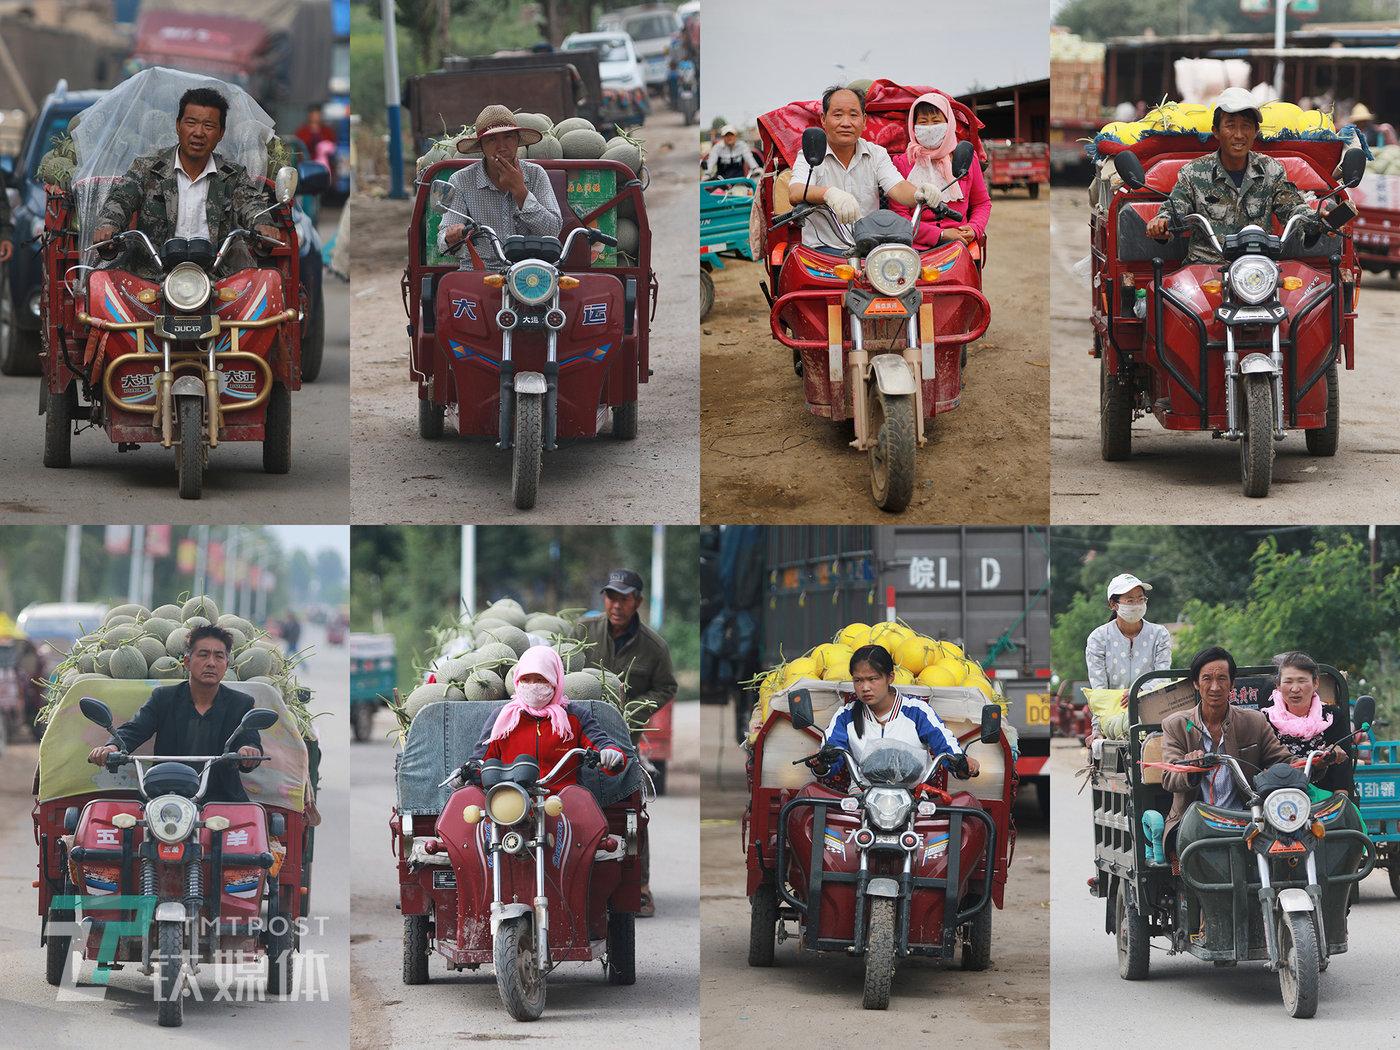 收成镇,驾驶电动三轮车的瓜农,正是暑假时间,一些返家的学生也在帮着父母卖瓜。